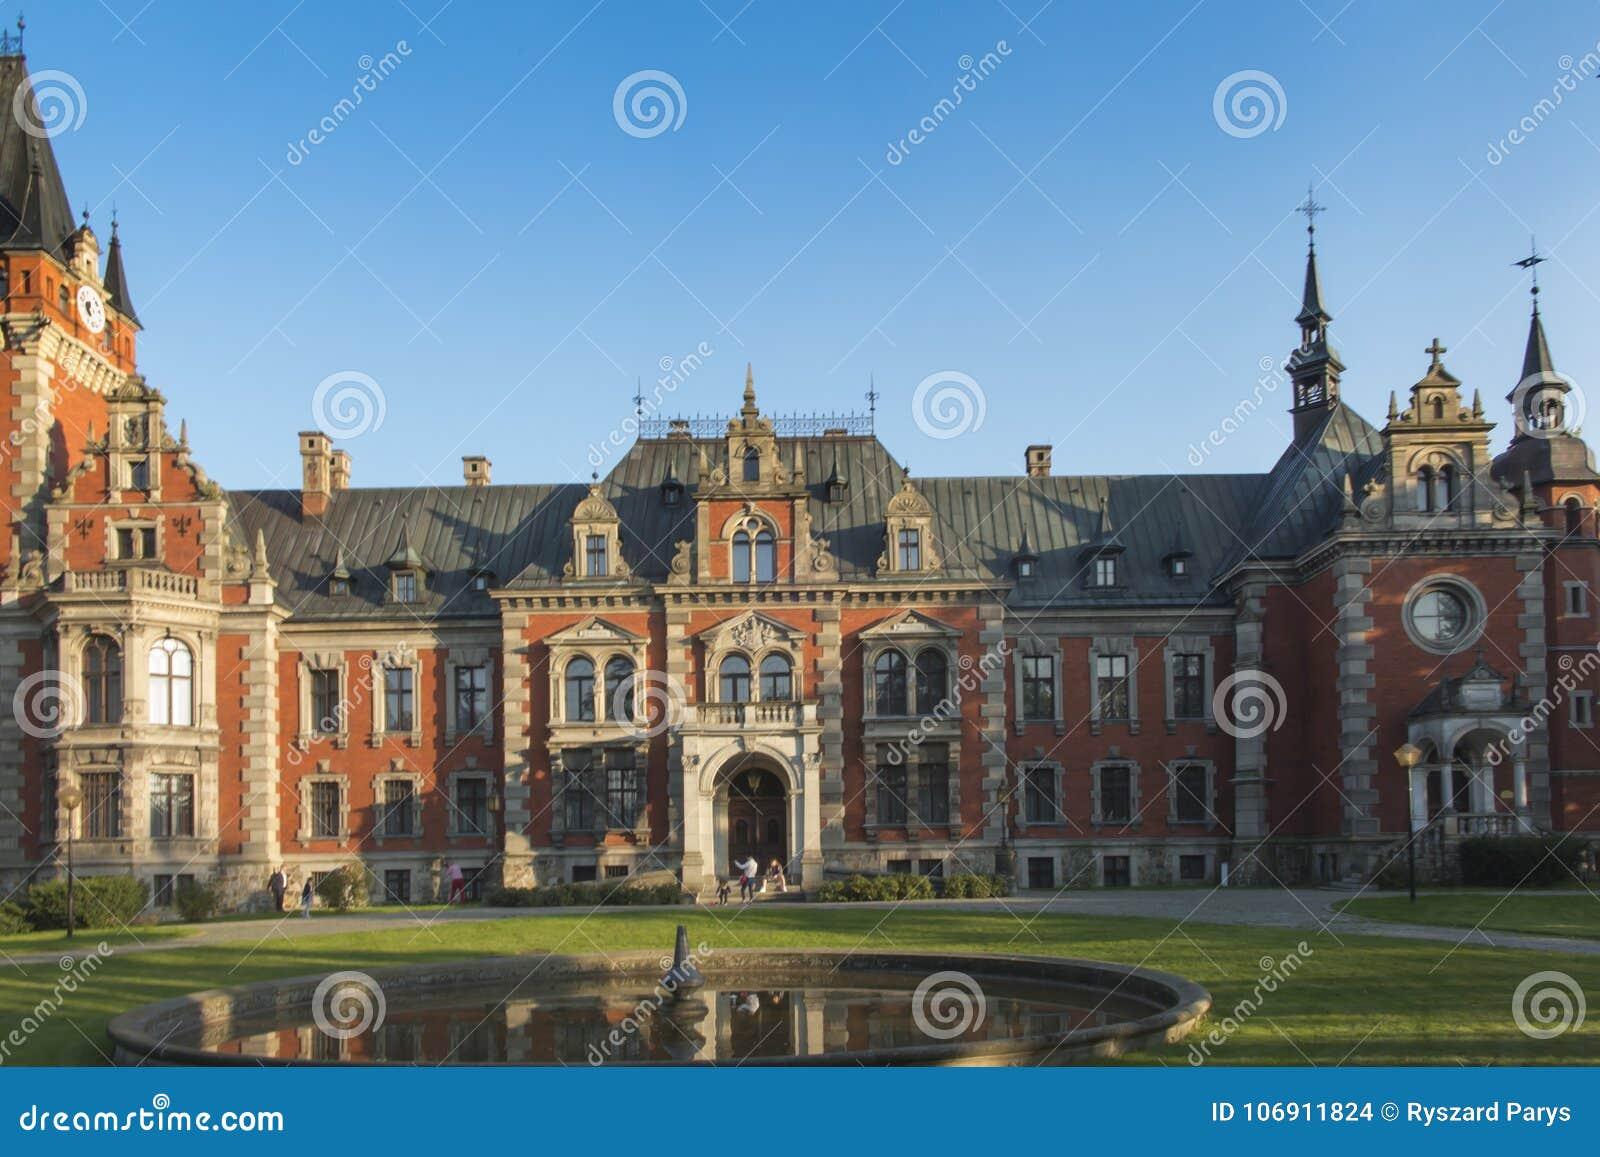 Punkt zwrotny stary pałac plawniowice Poland regionu Silesia wierzch